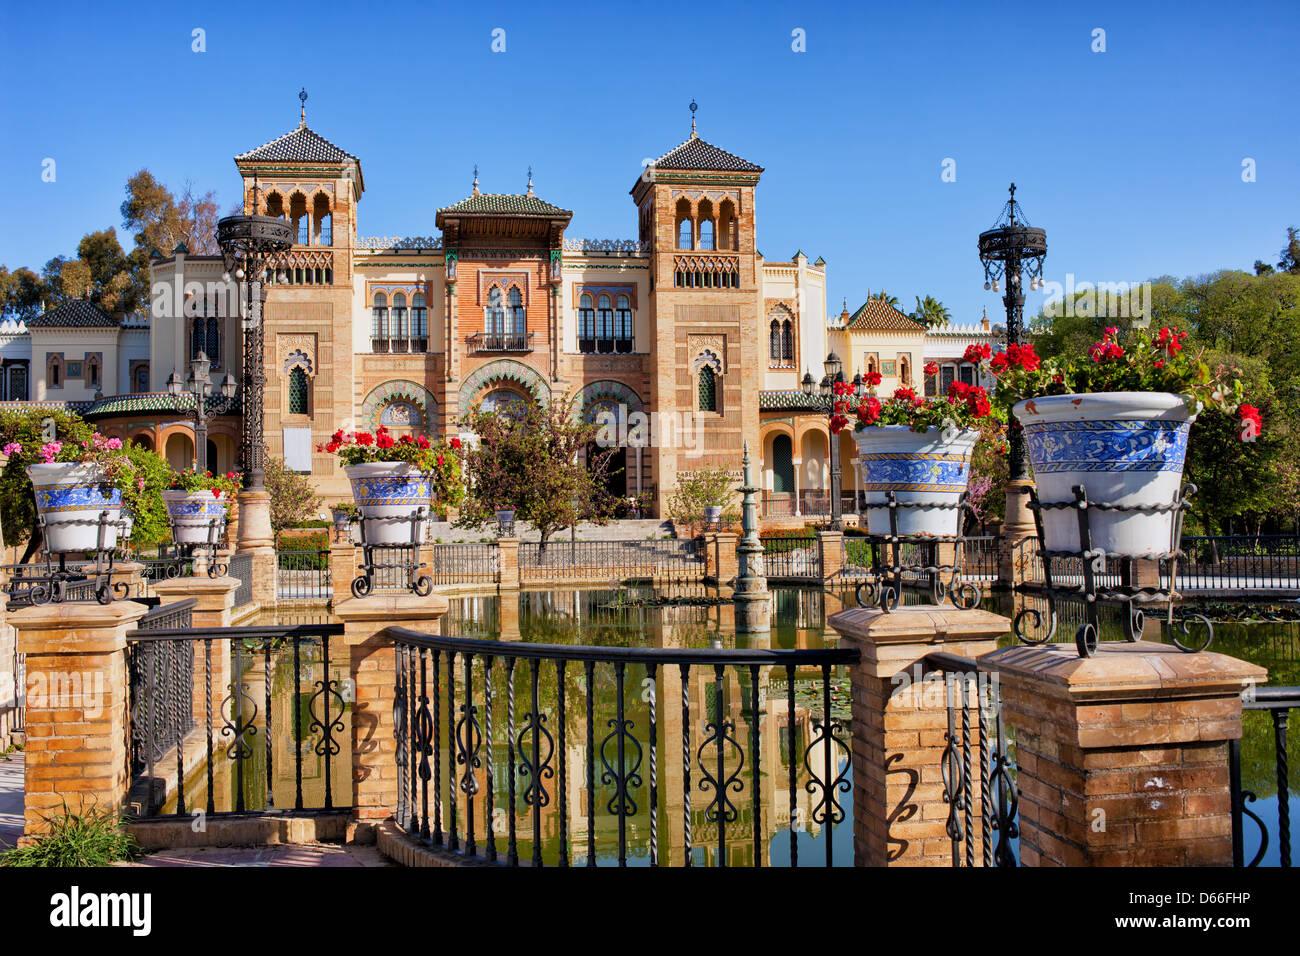 Museo de artes y tradiciones de sevilla en el pabellón mudéjar, el parque de María Luisa, Sevilla, Andalucía, España. Foto de stock